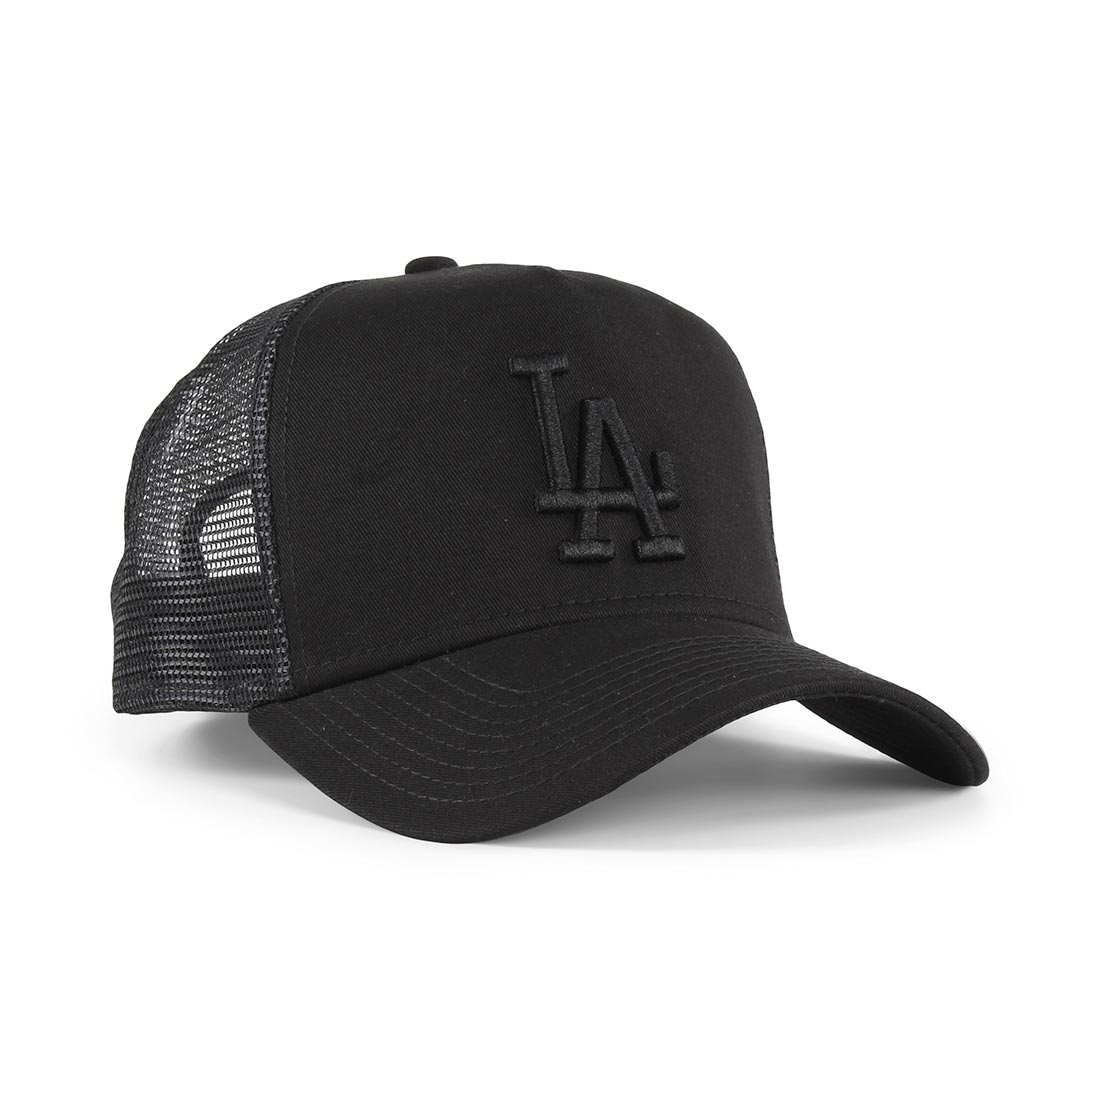 New Era LA Dodgers League Essentials Trucker Cap - Black / Black